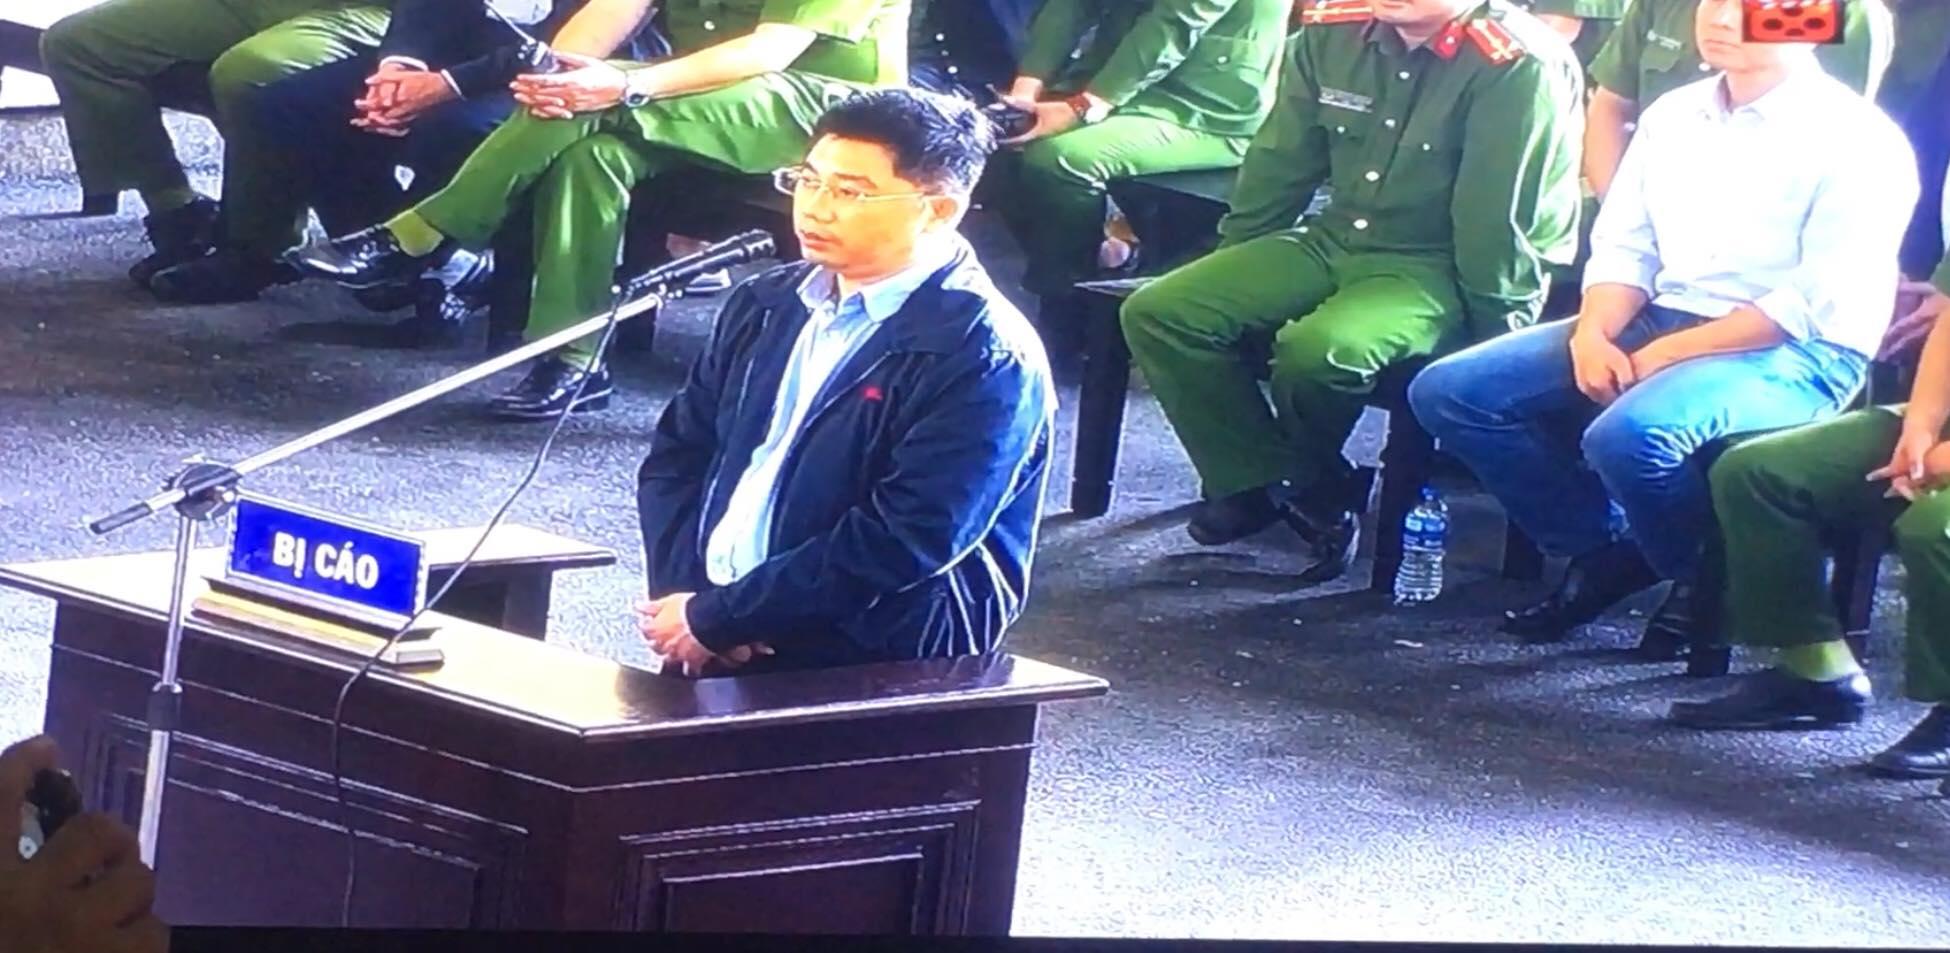 """Tòa truy hỏi về tài sản cho ông Phan Văn Vĩnh, """"trùm"""" tổ chức đánh bạc nói gì? - 1"""